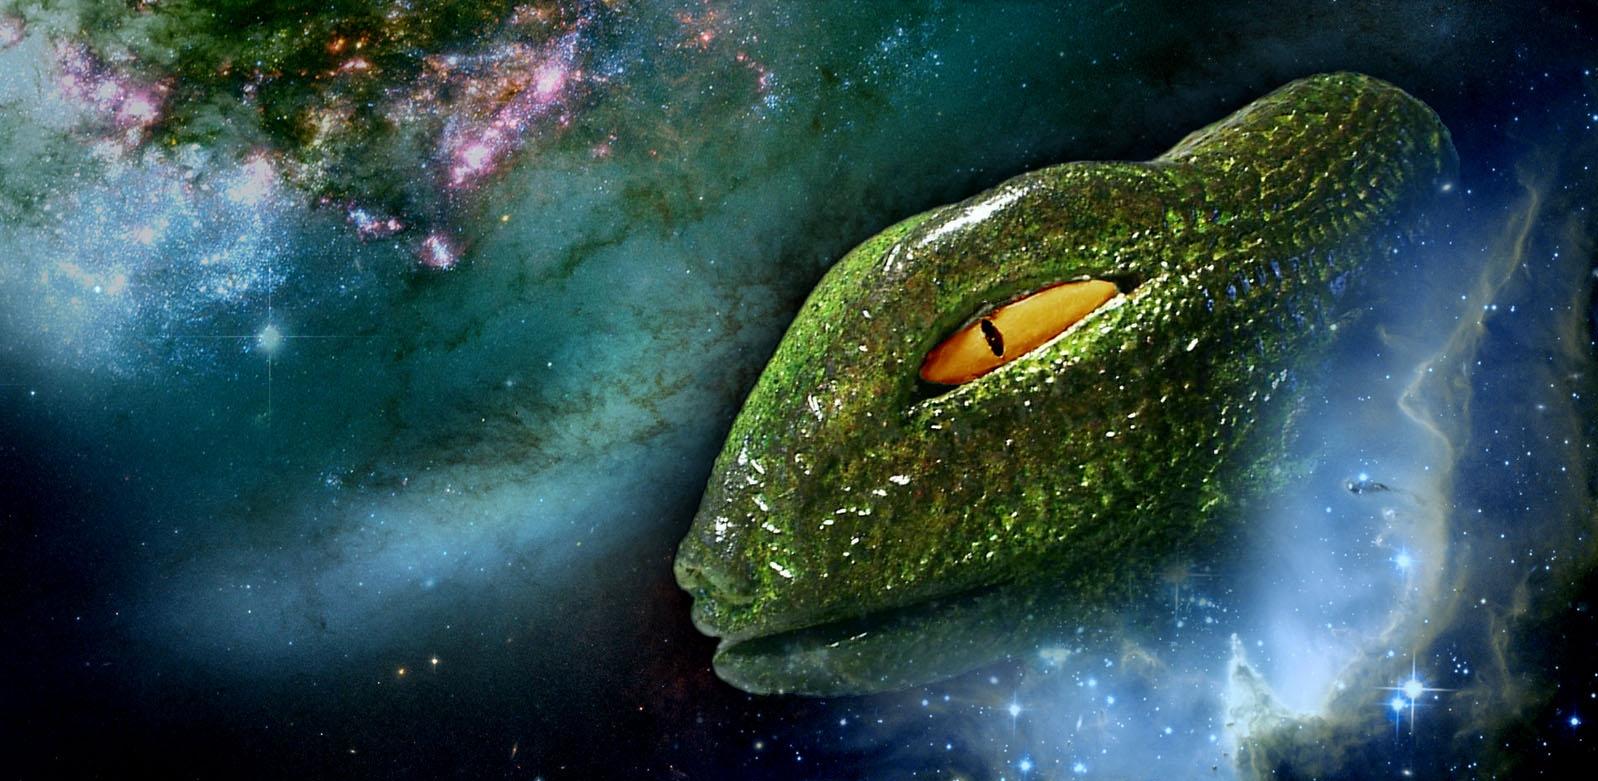 quienes-son-los-reptilianos-la-supuesta-raza-que-busca-dominar-nuestro-planeta-5 ¿Quiénes son los #reptilianos, la supuesta raza que busca dominar nuestro planeta?